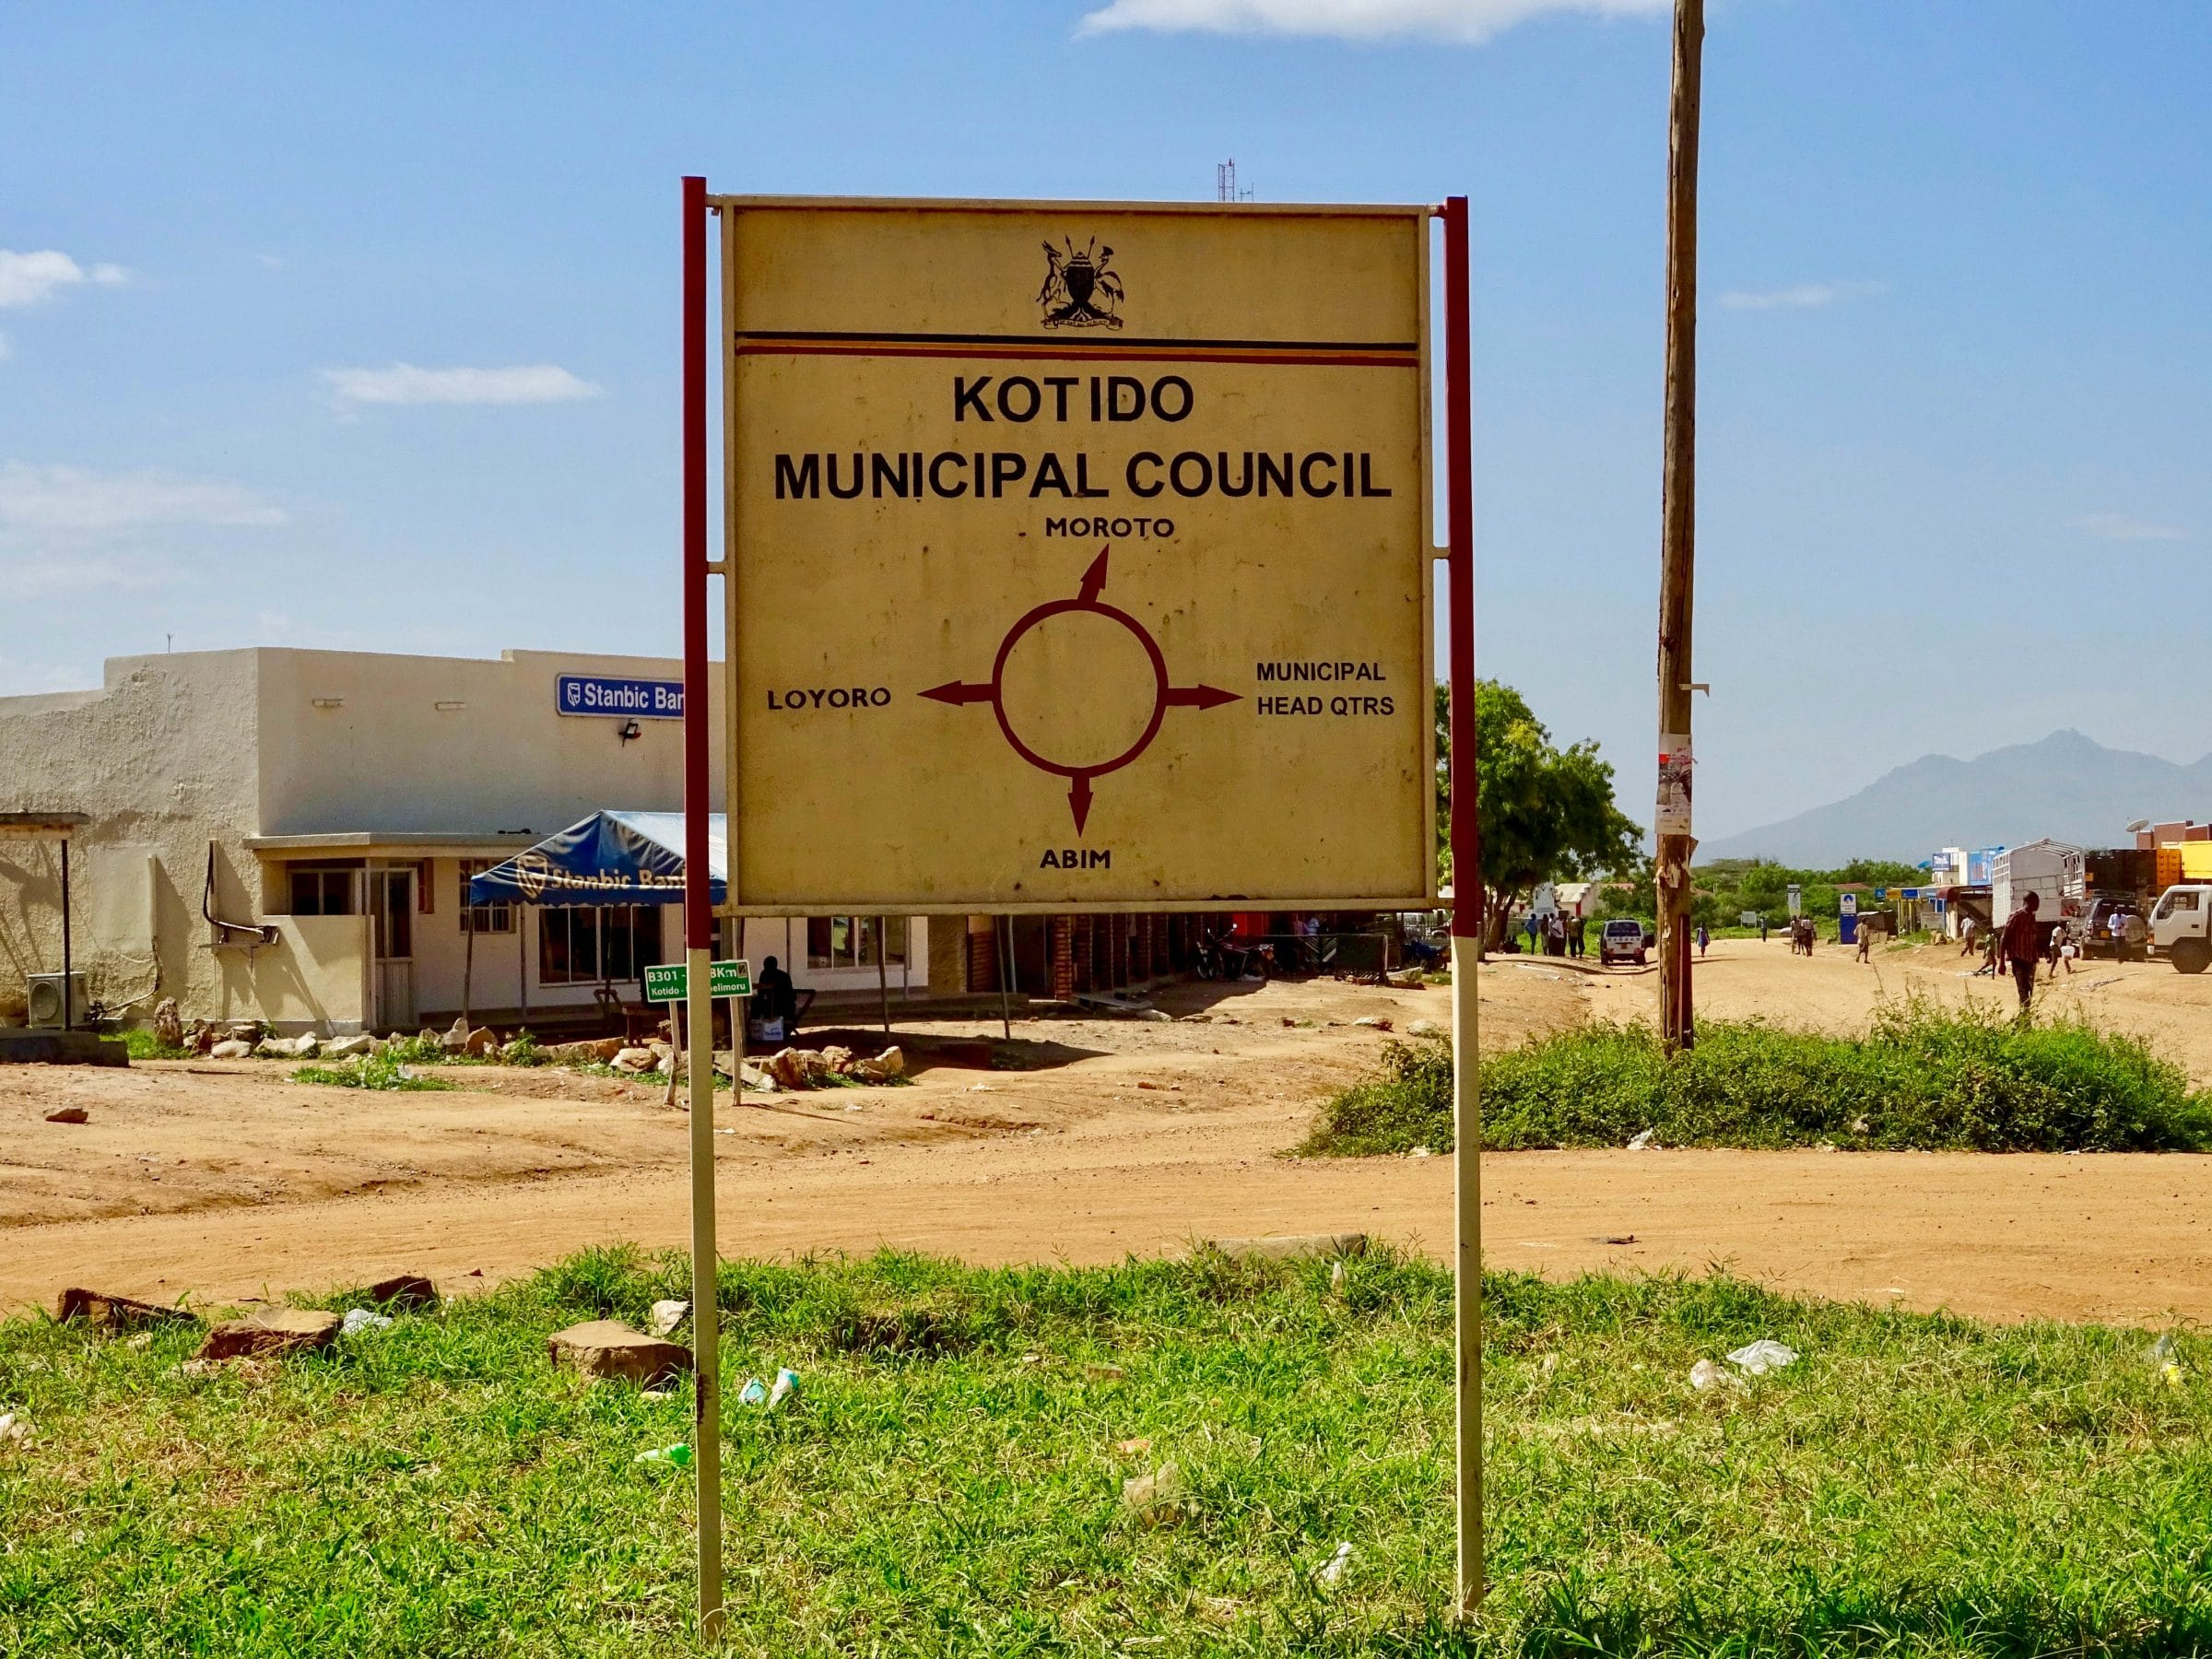 Rotonde in Kotido